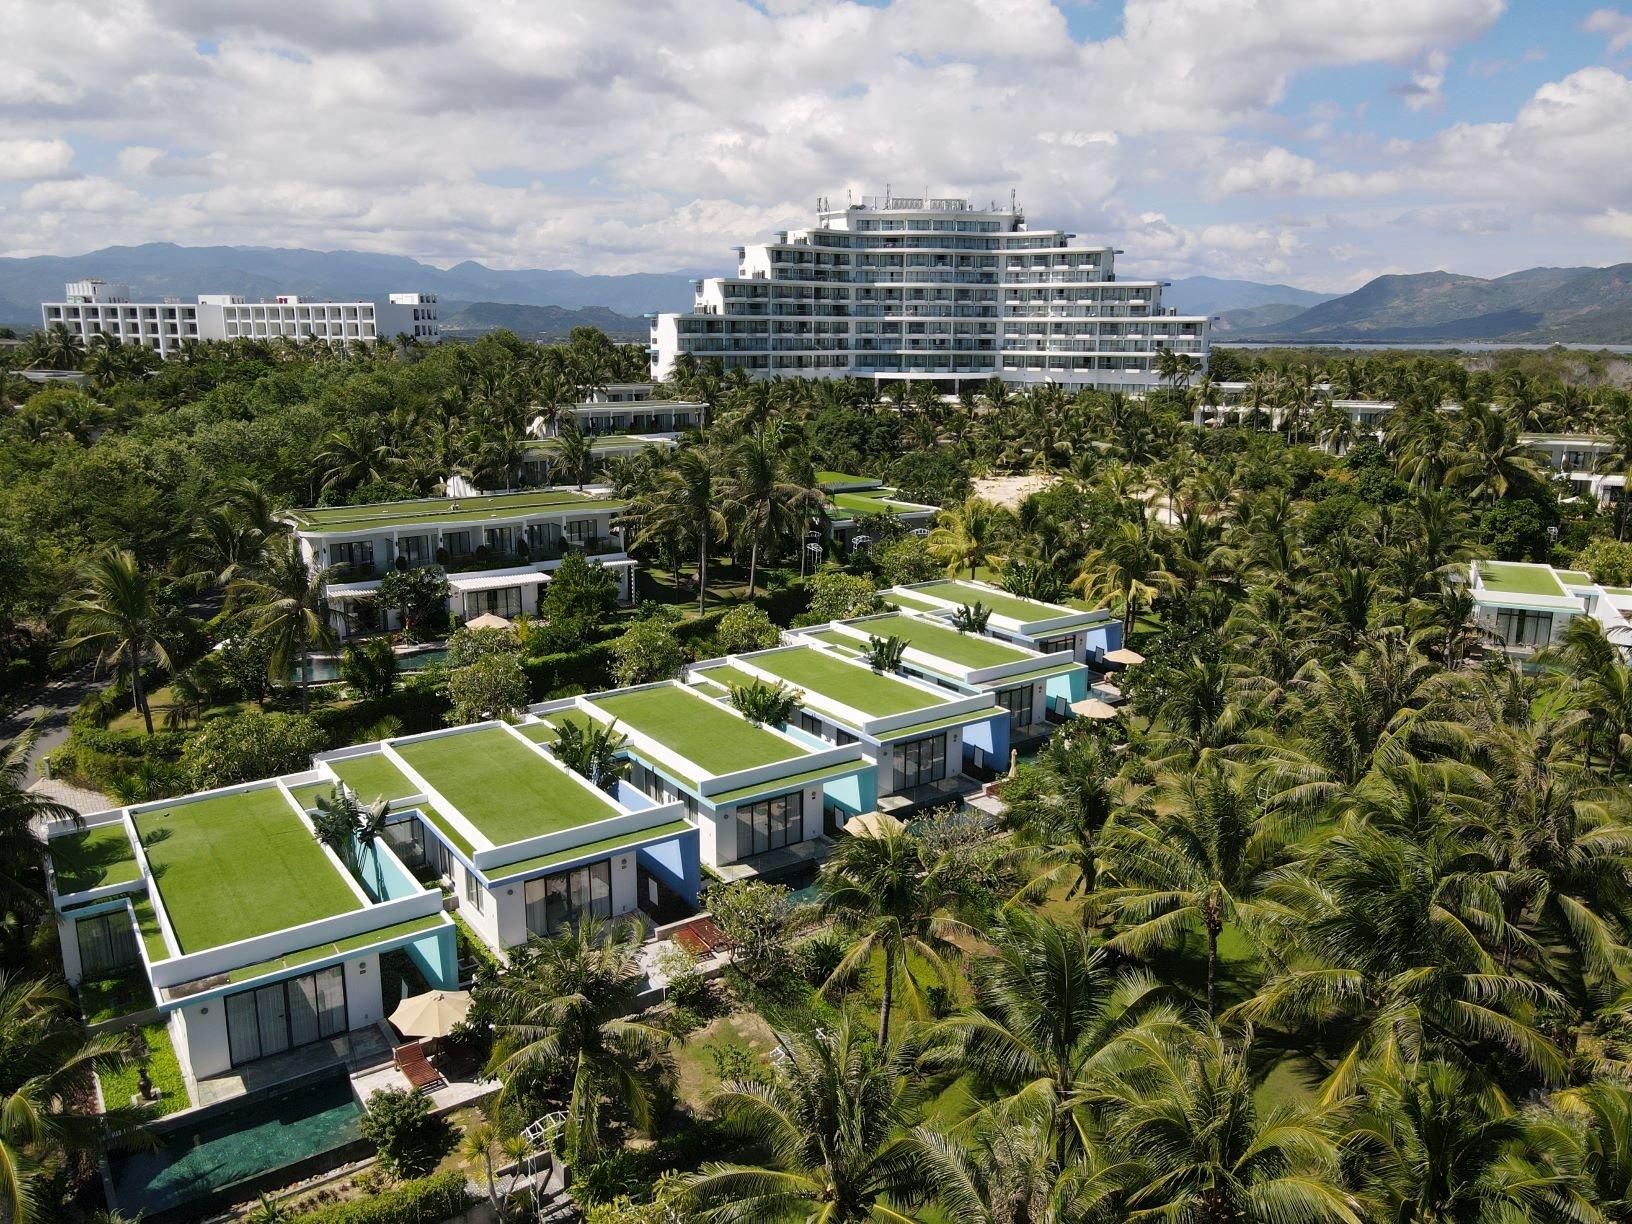 SPI mua cổ phần Cam Ranh Riviera Resort sau khi thay toàn bộ ban lãnh đạo - Ảnh 1.